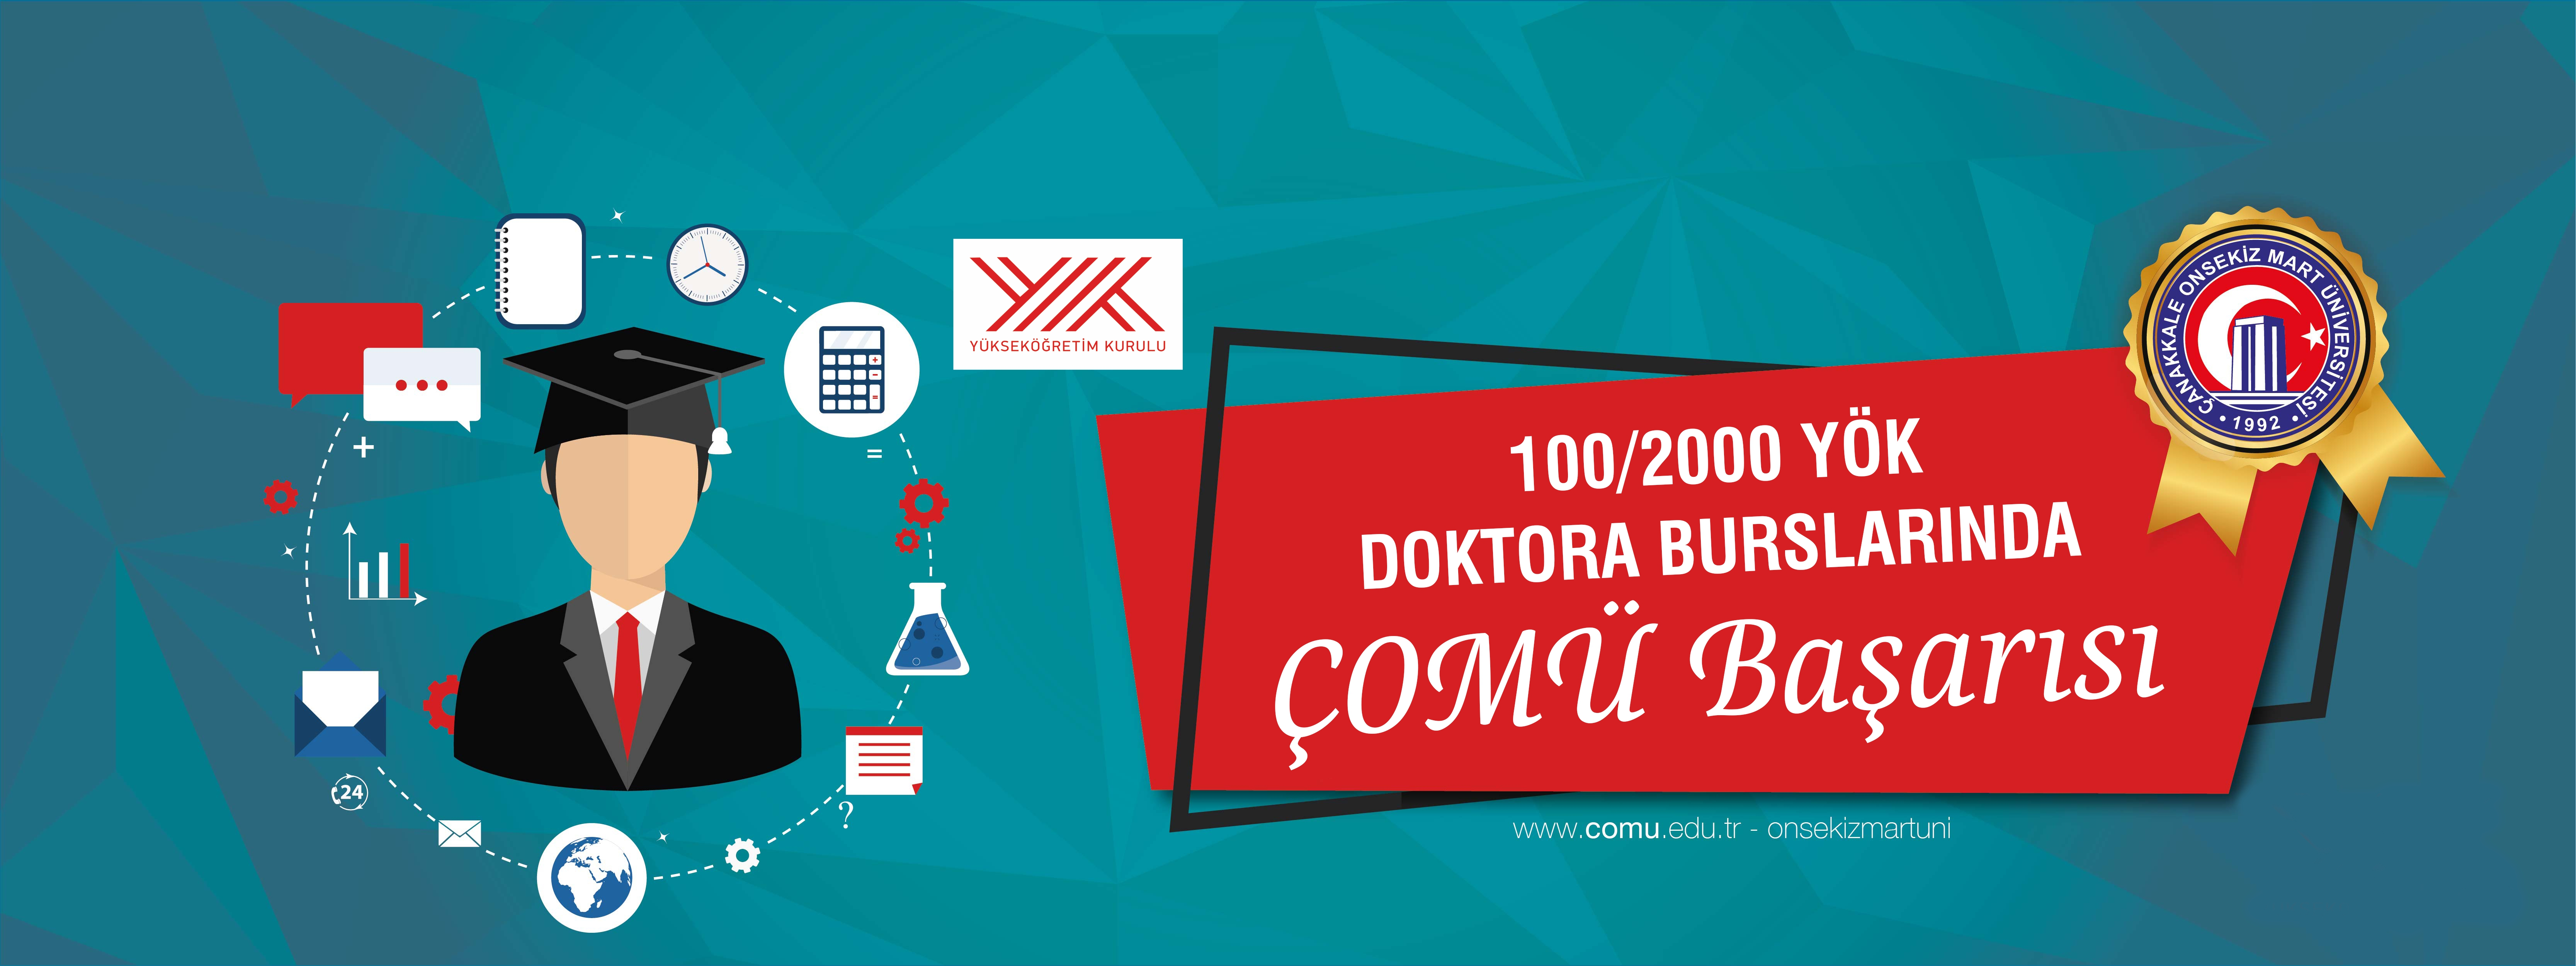 100/2000 YÖK Doktora Burslarında ÇOMÜ Başarısı